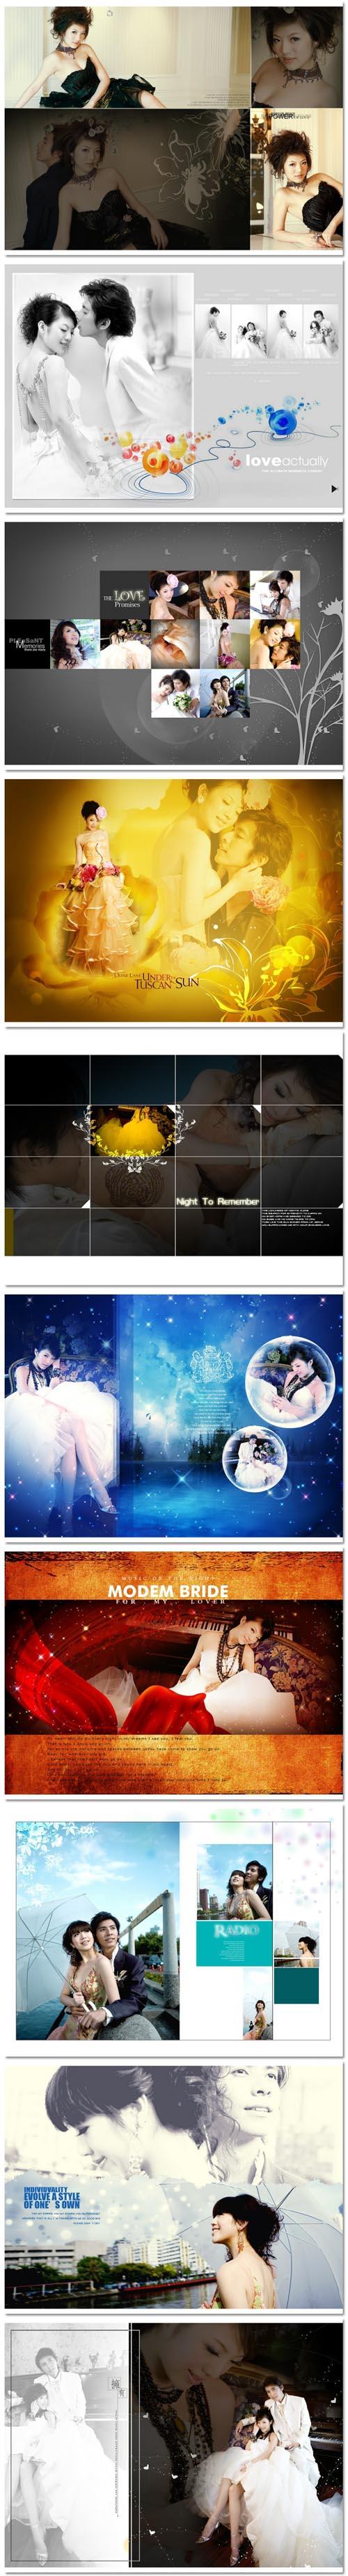 09展会星天地系列模板:随爱而飞10P